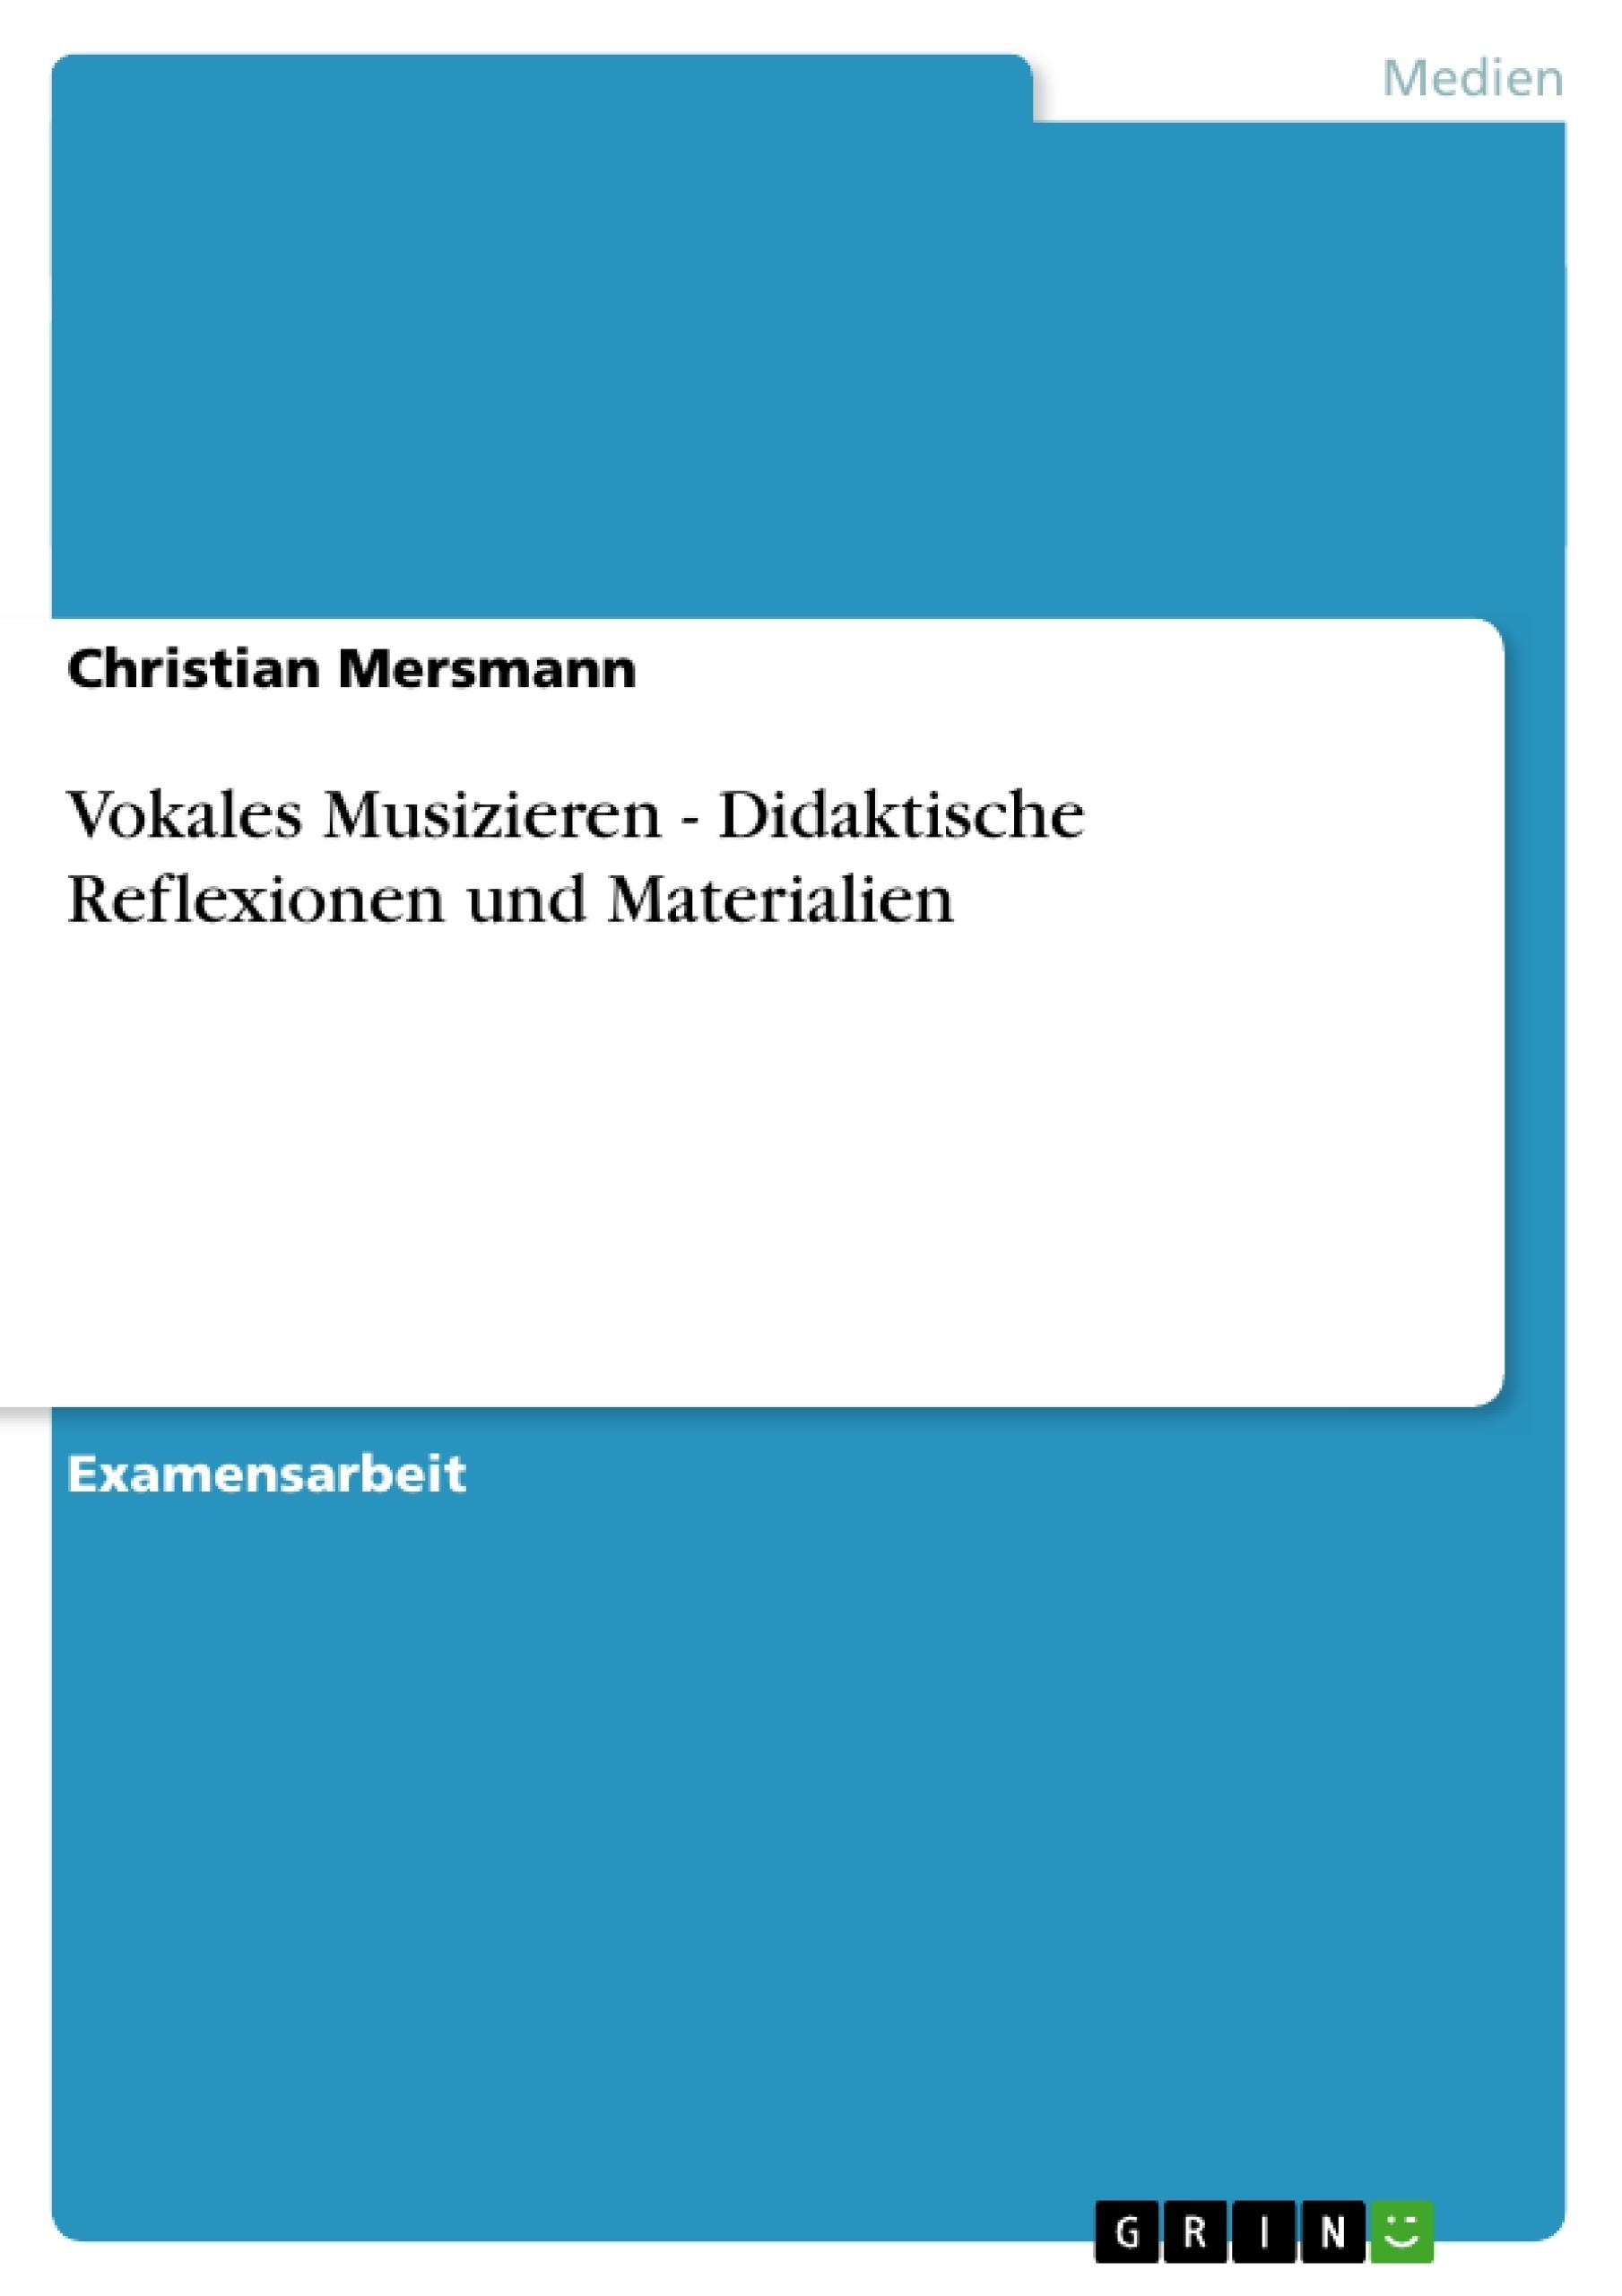 Titel: Vokales Musizieren - Didaktische Reflexionen und Materialien